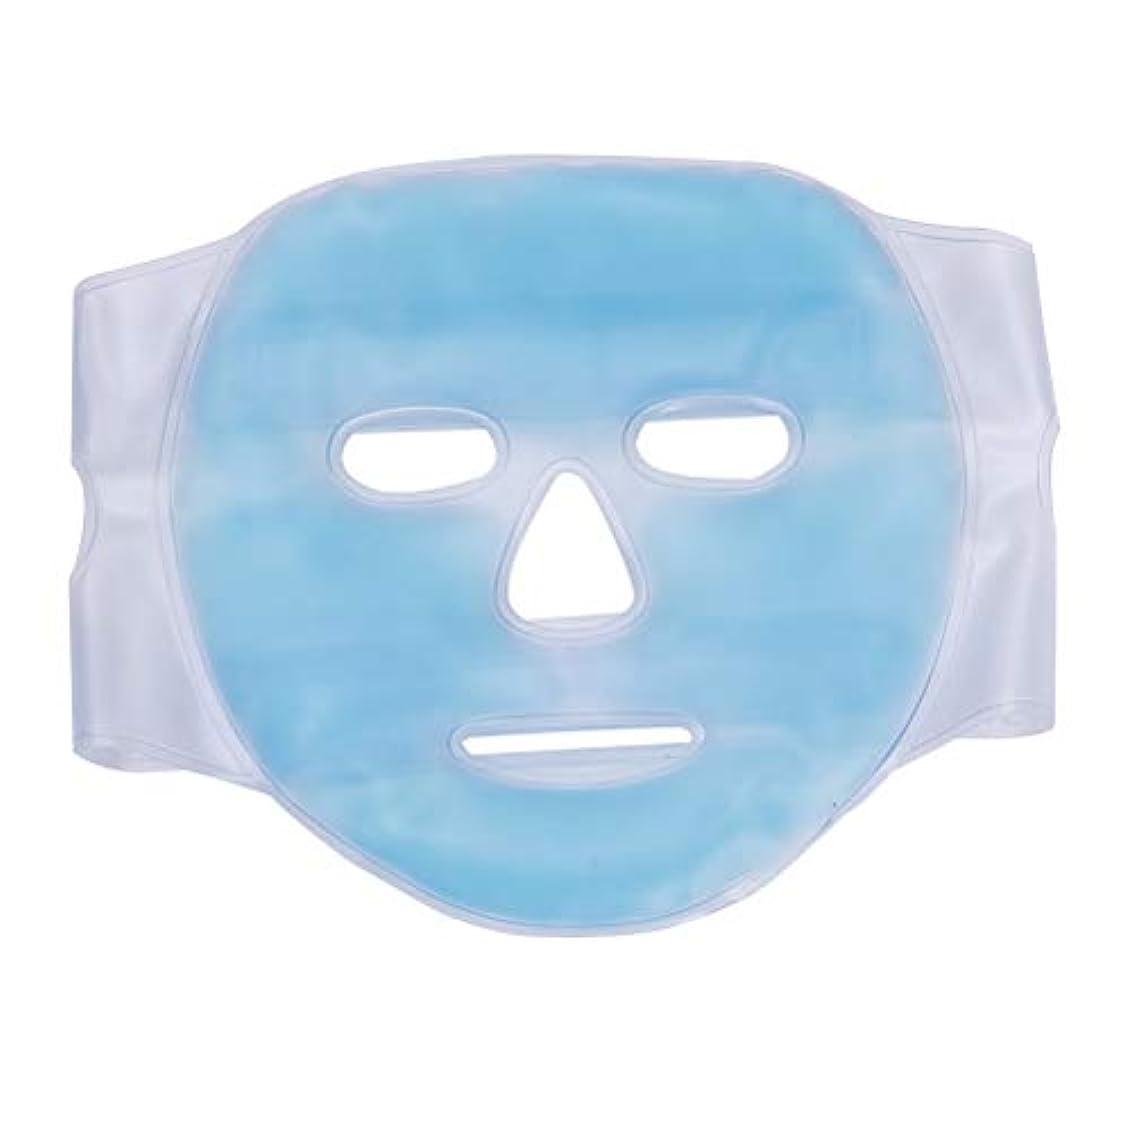 同志有効化ゴシップHealifty Gelコールド&ホットコンプレッションフェイシャルPVCアイスマスクフェイス(腫れぼったい顔用)ふくらんでいる目ダークサークル(ブルー)